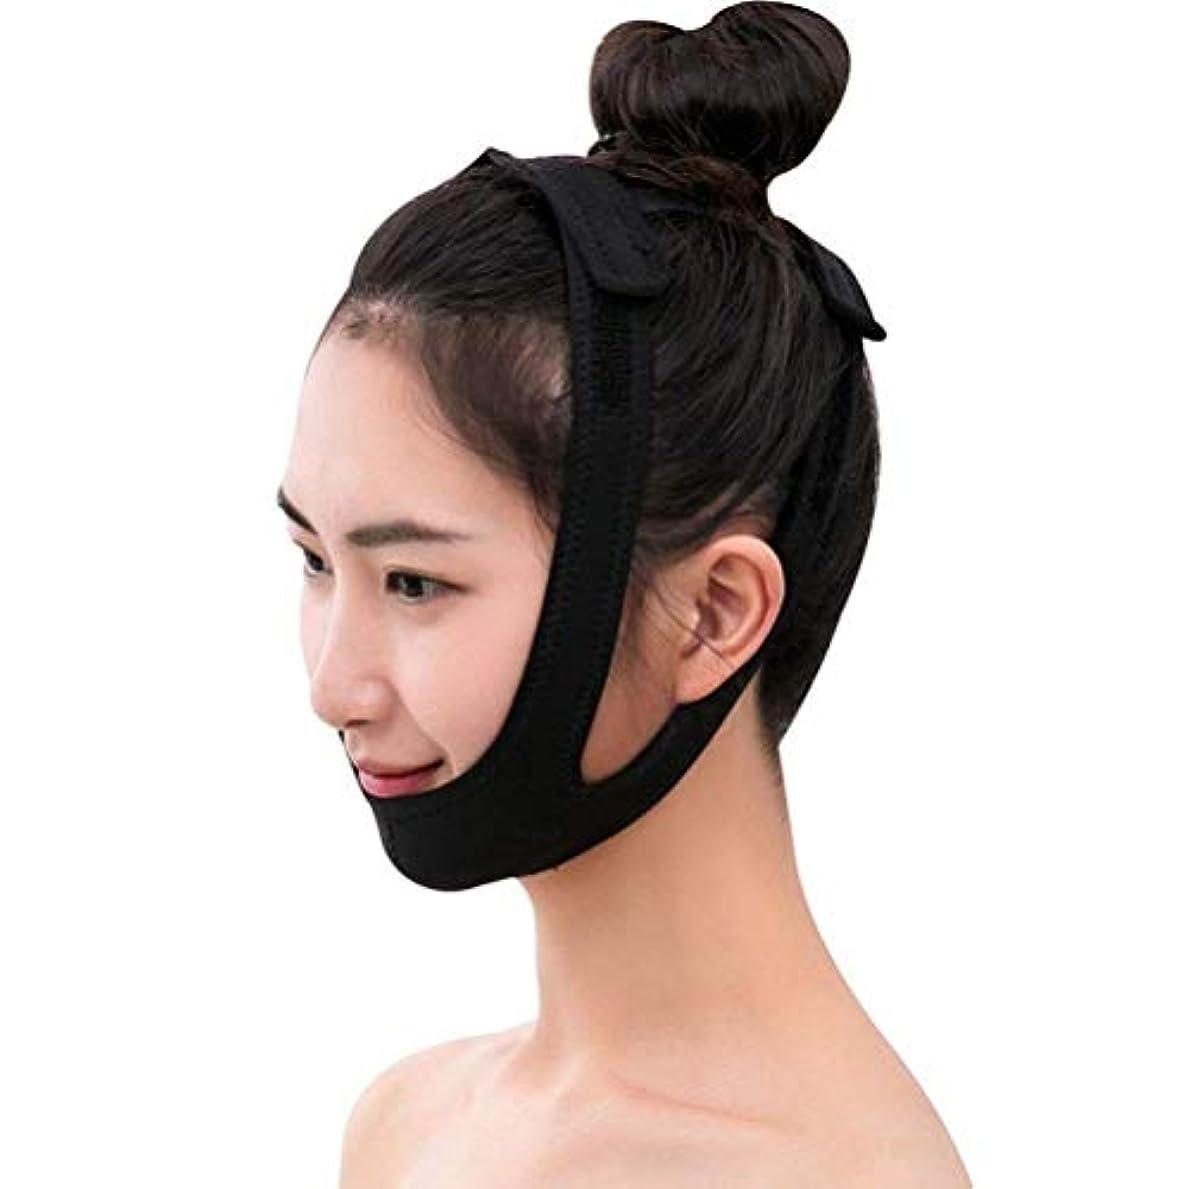 限られた消去滅多フェイスリフティングマスク、フェイスリフティング包帯V字型マスク/整形およびリフト/二重あごベルト/美容マスクフェイスリフト/縮小二重あご包帯/顔面矯正ベルト